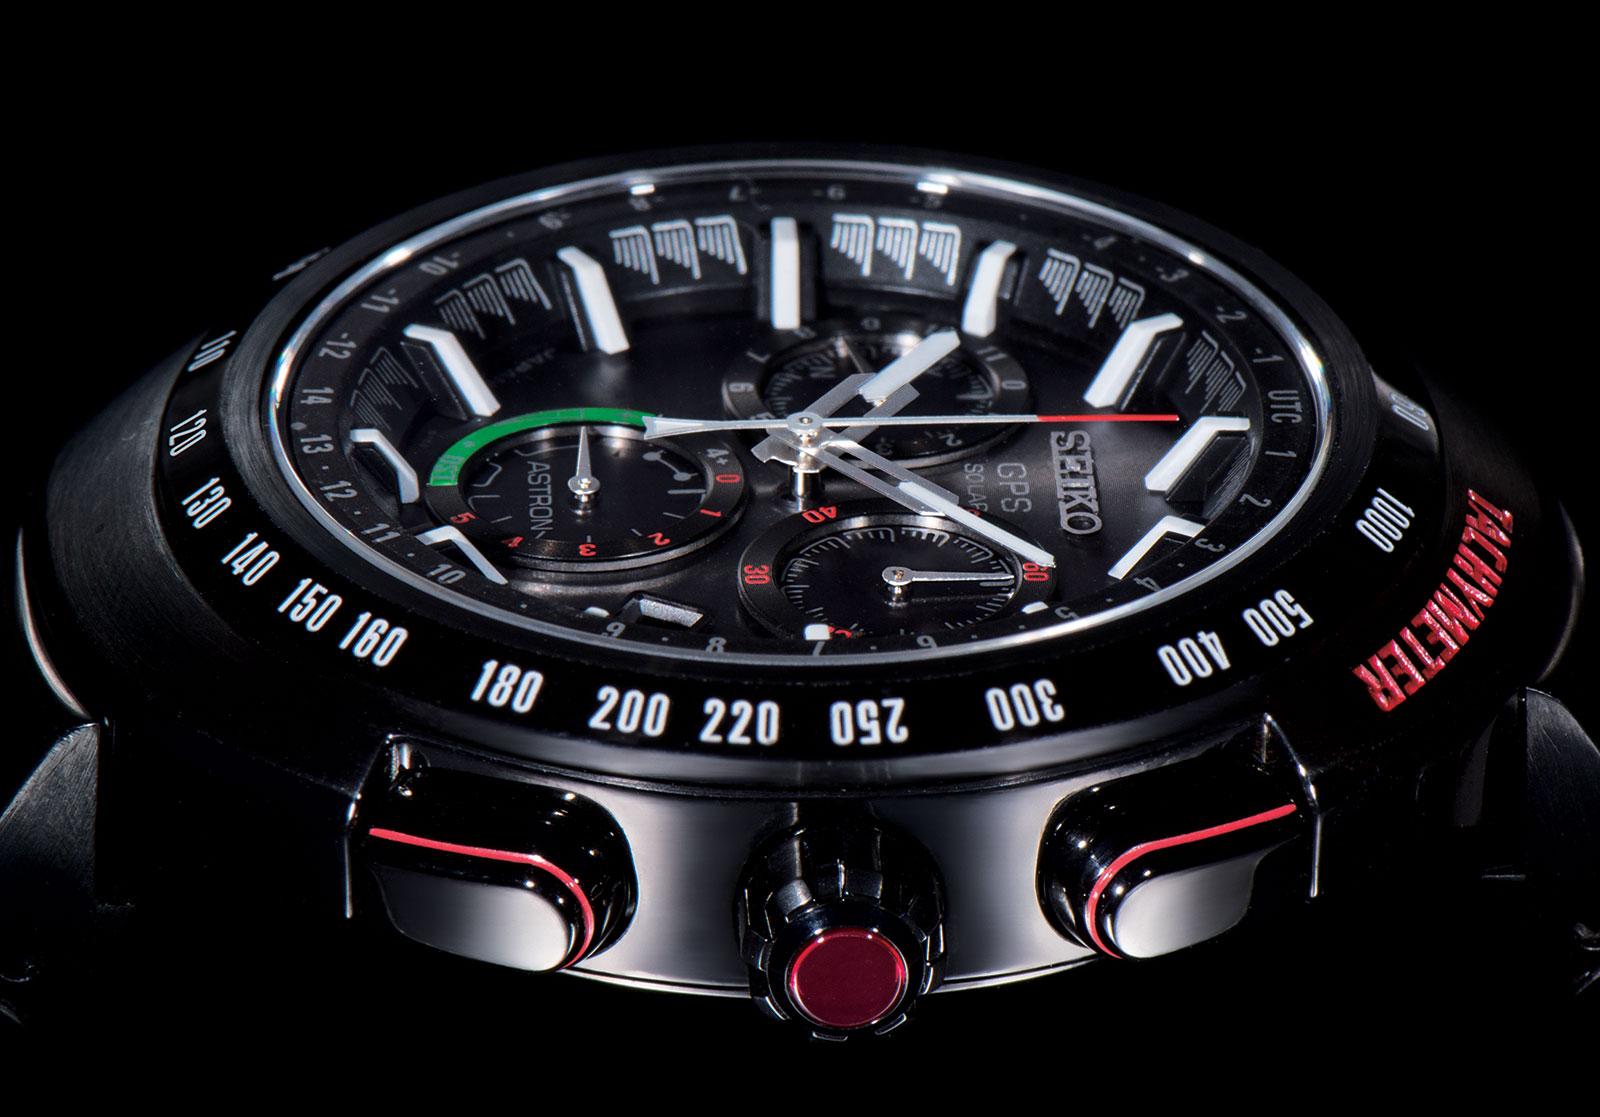 Seiko Reboots Giugiaro Design Chronograph With Astron Gps